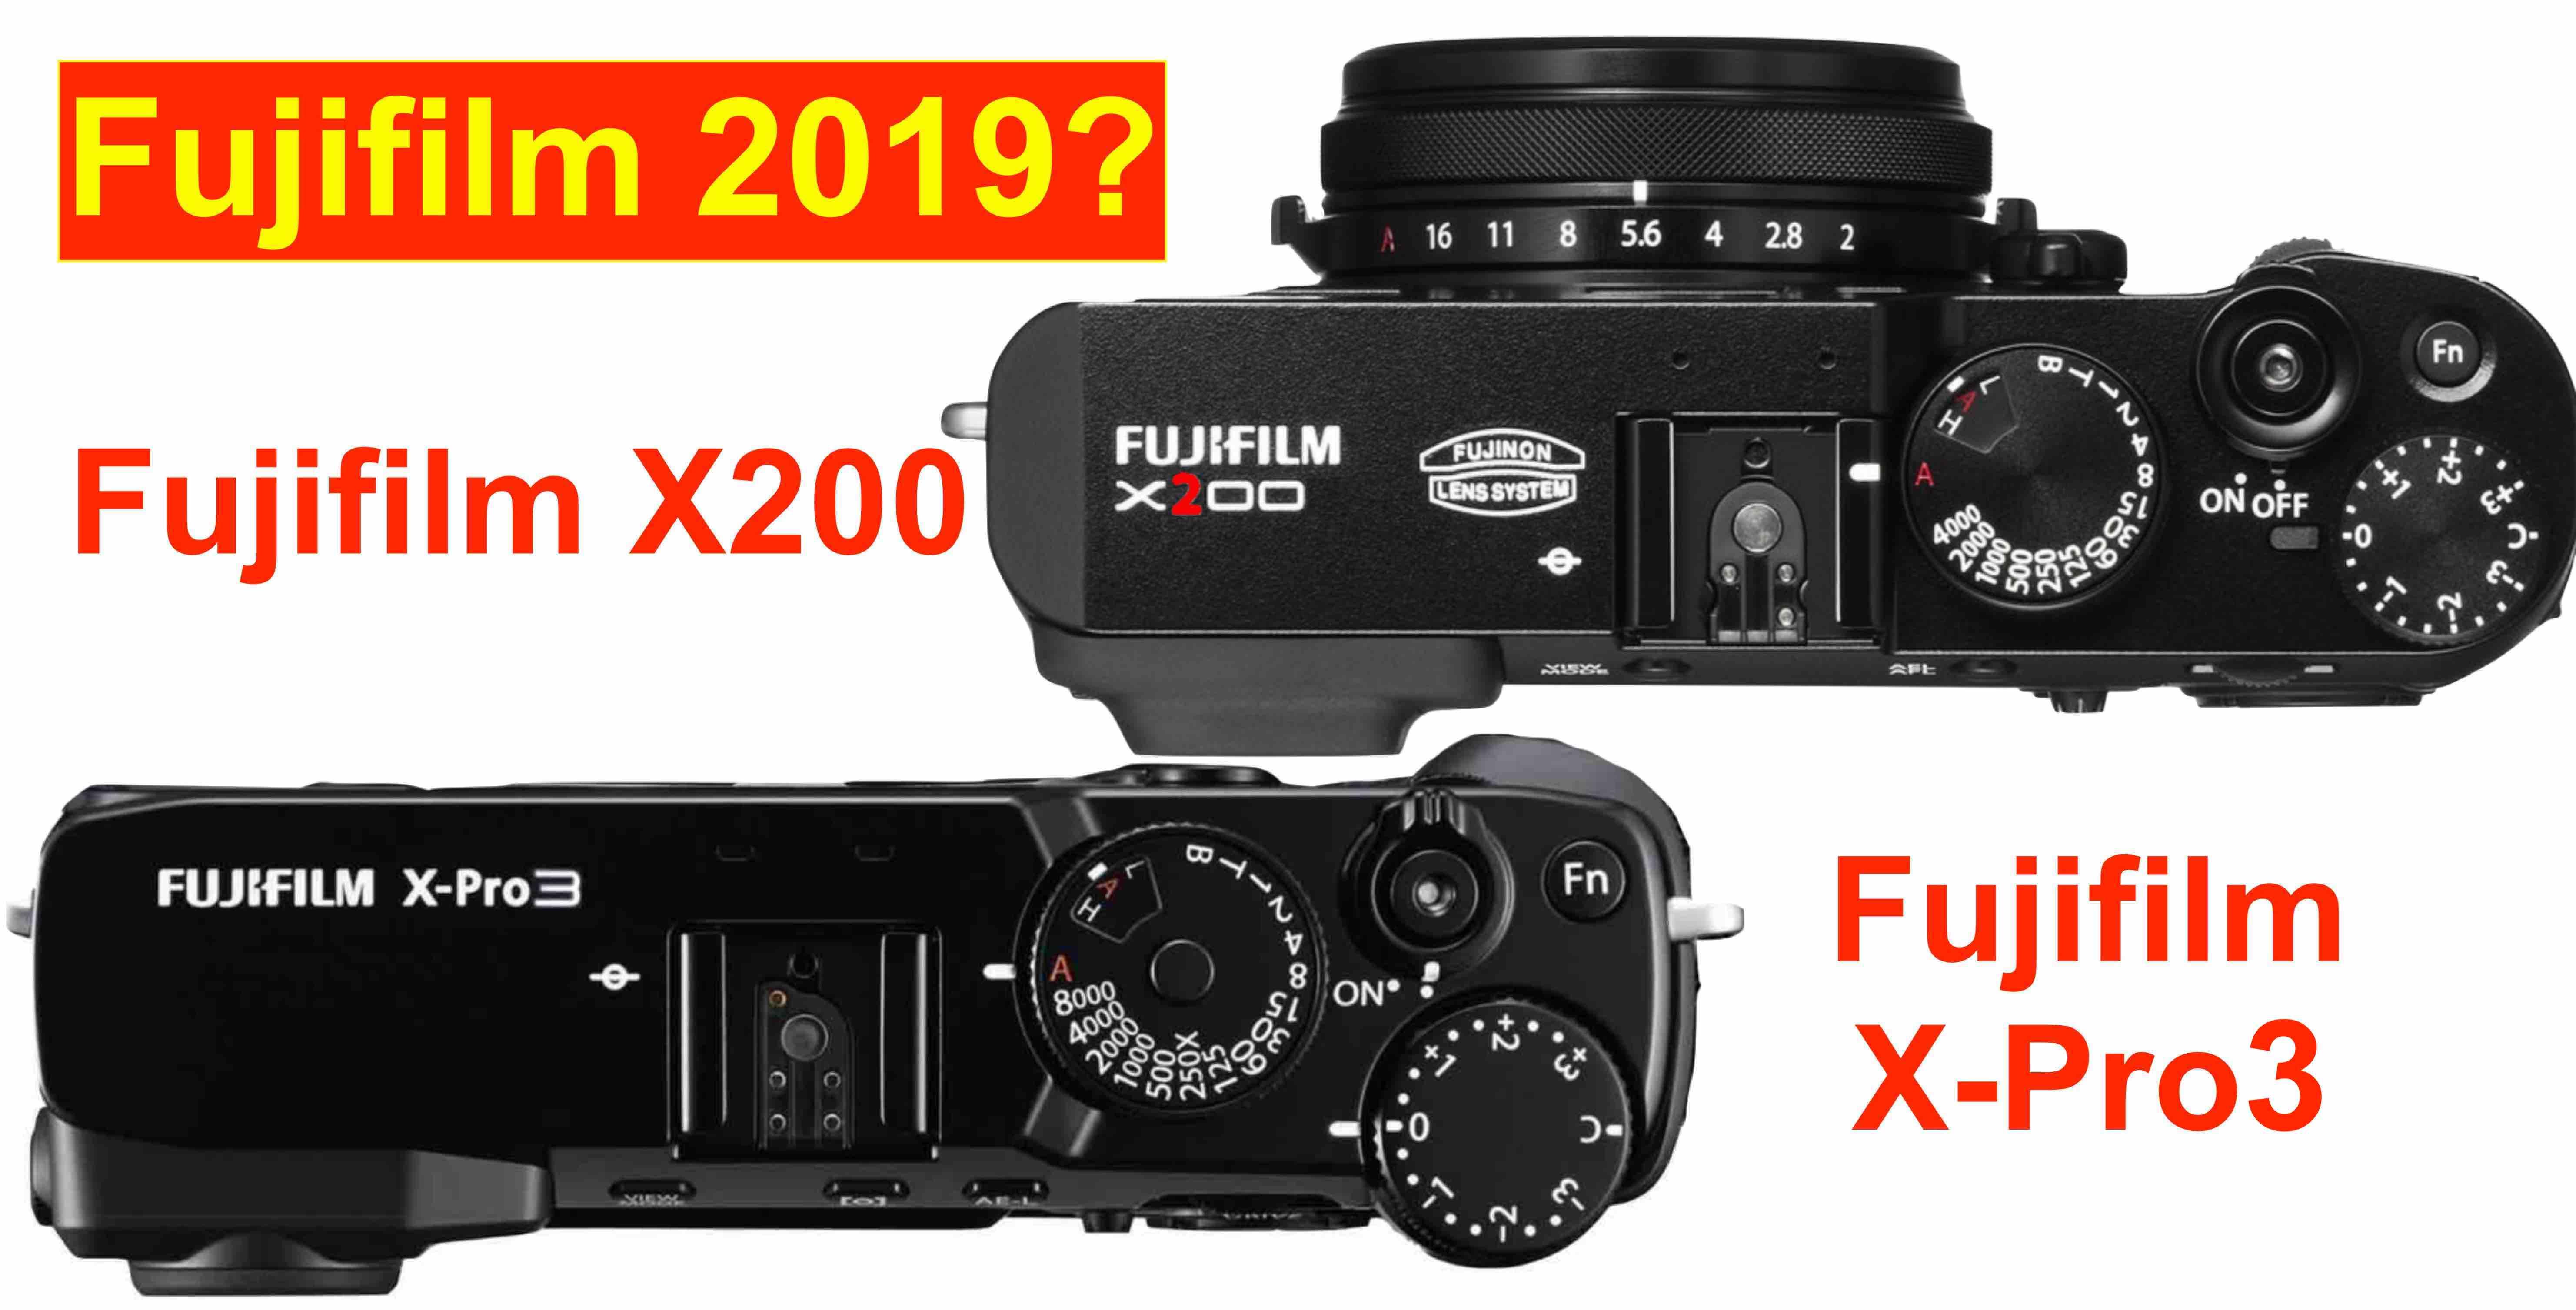 Fujifilm X-Pro3 (and Fujifilm X200?) Coming in 2019